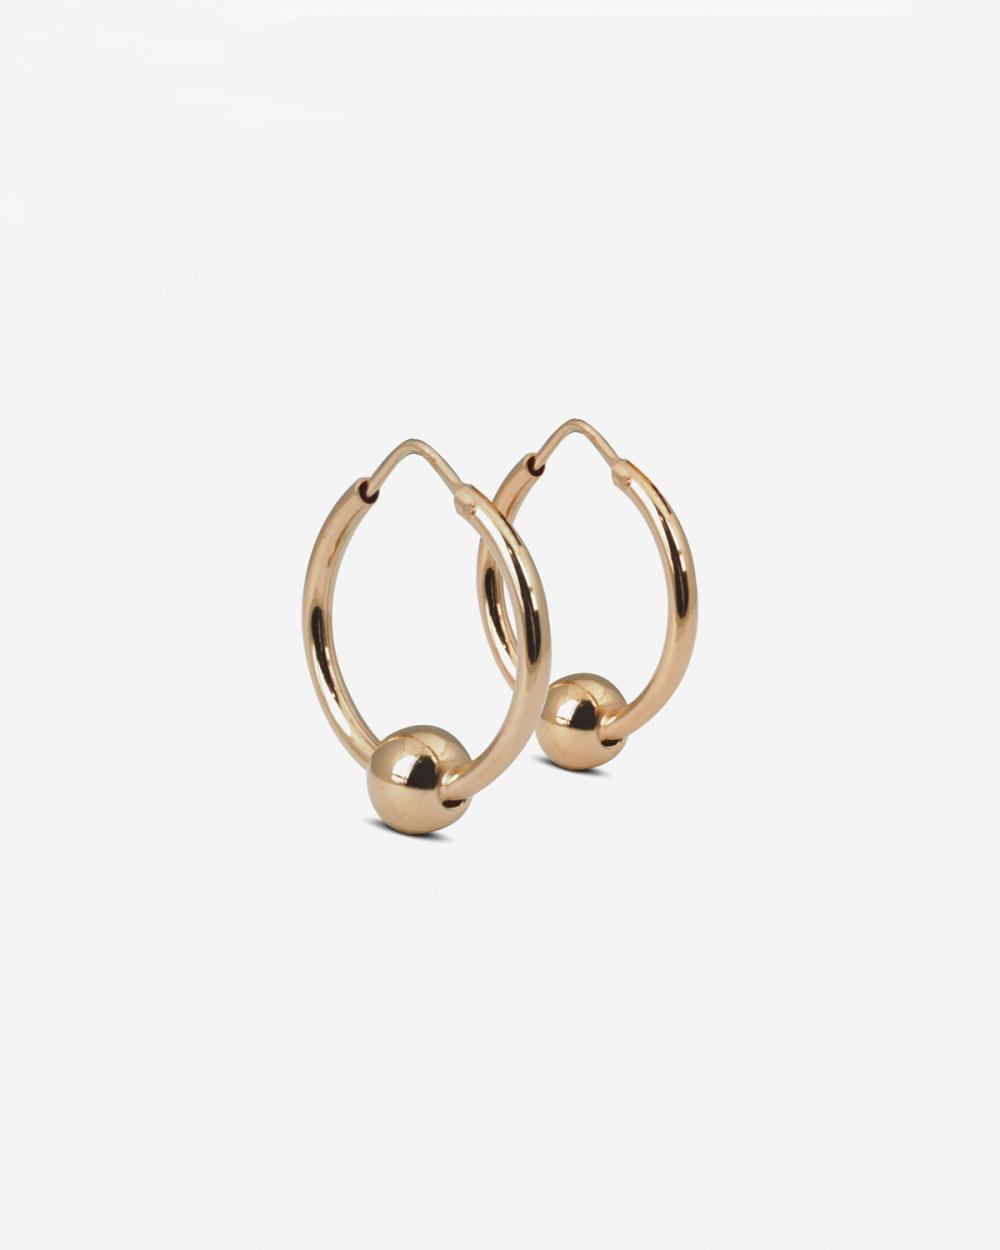 Earrings PINK GOLD SPHERES PIERCING PAIR EARRINGS NOVE25